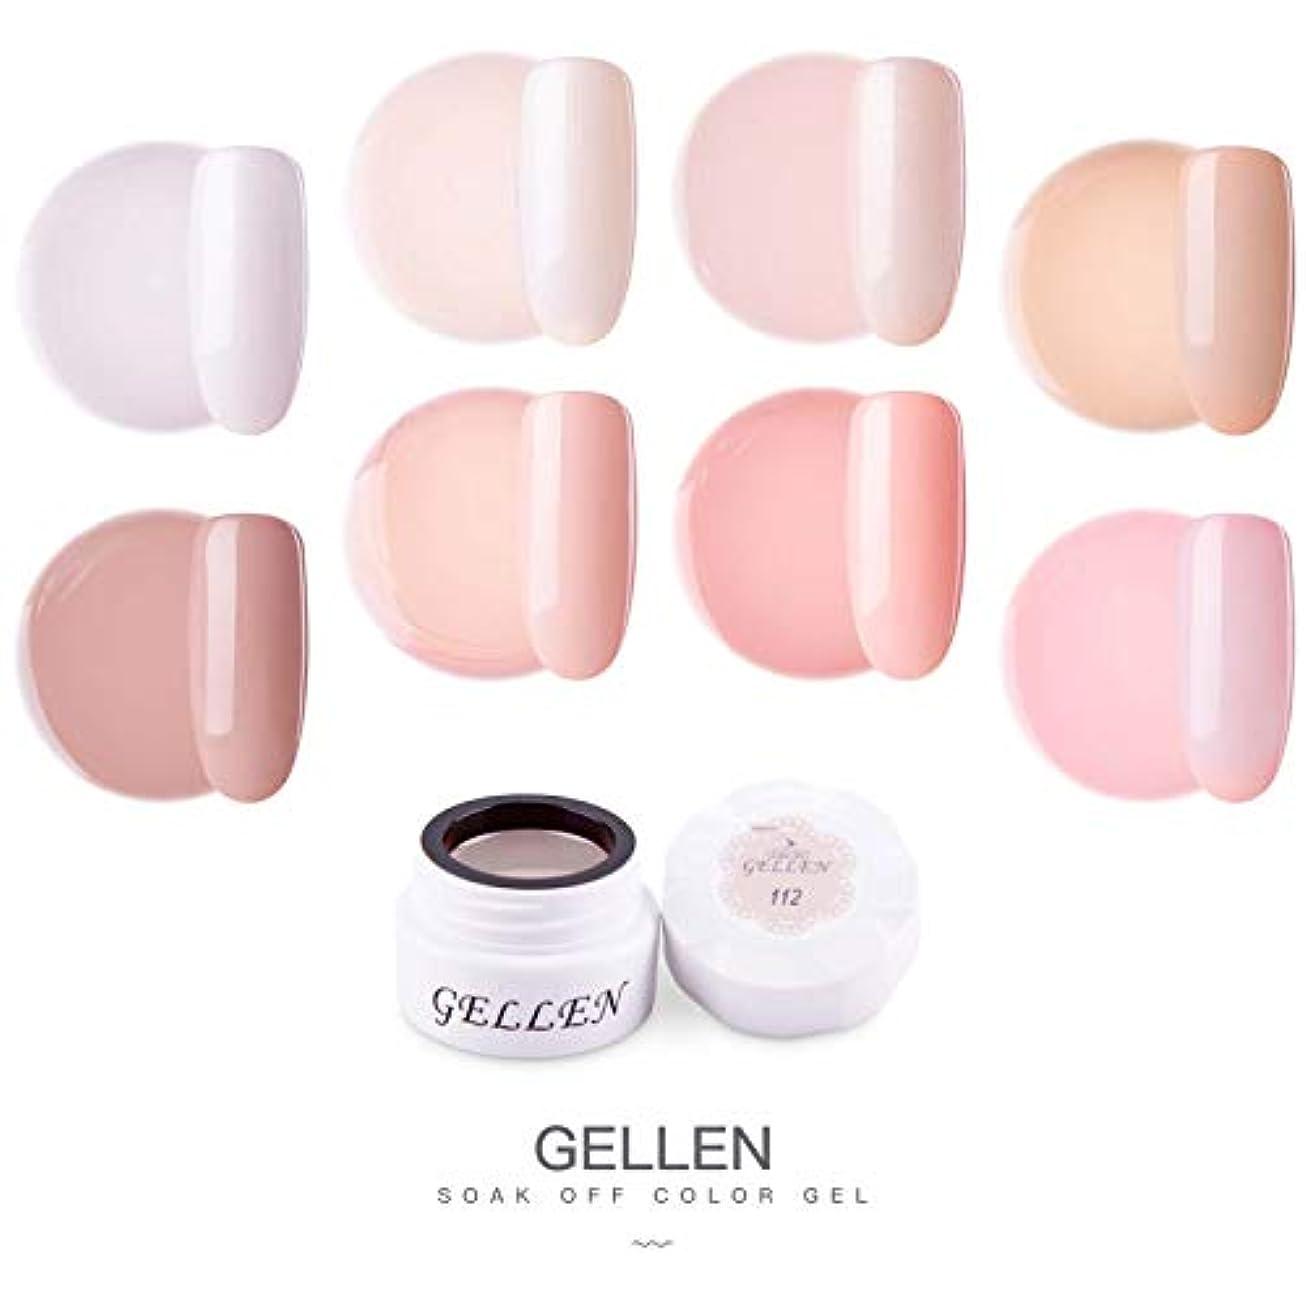 左拒絶する復活させるGellen カラージェル 8色 セット[ヌードピンク系]高品質 5g ジェルネイル カラー ネイルブラシ付き